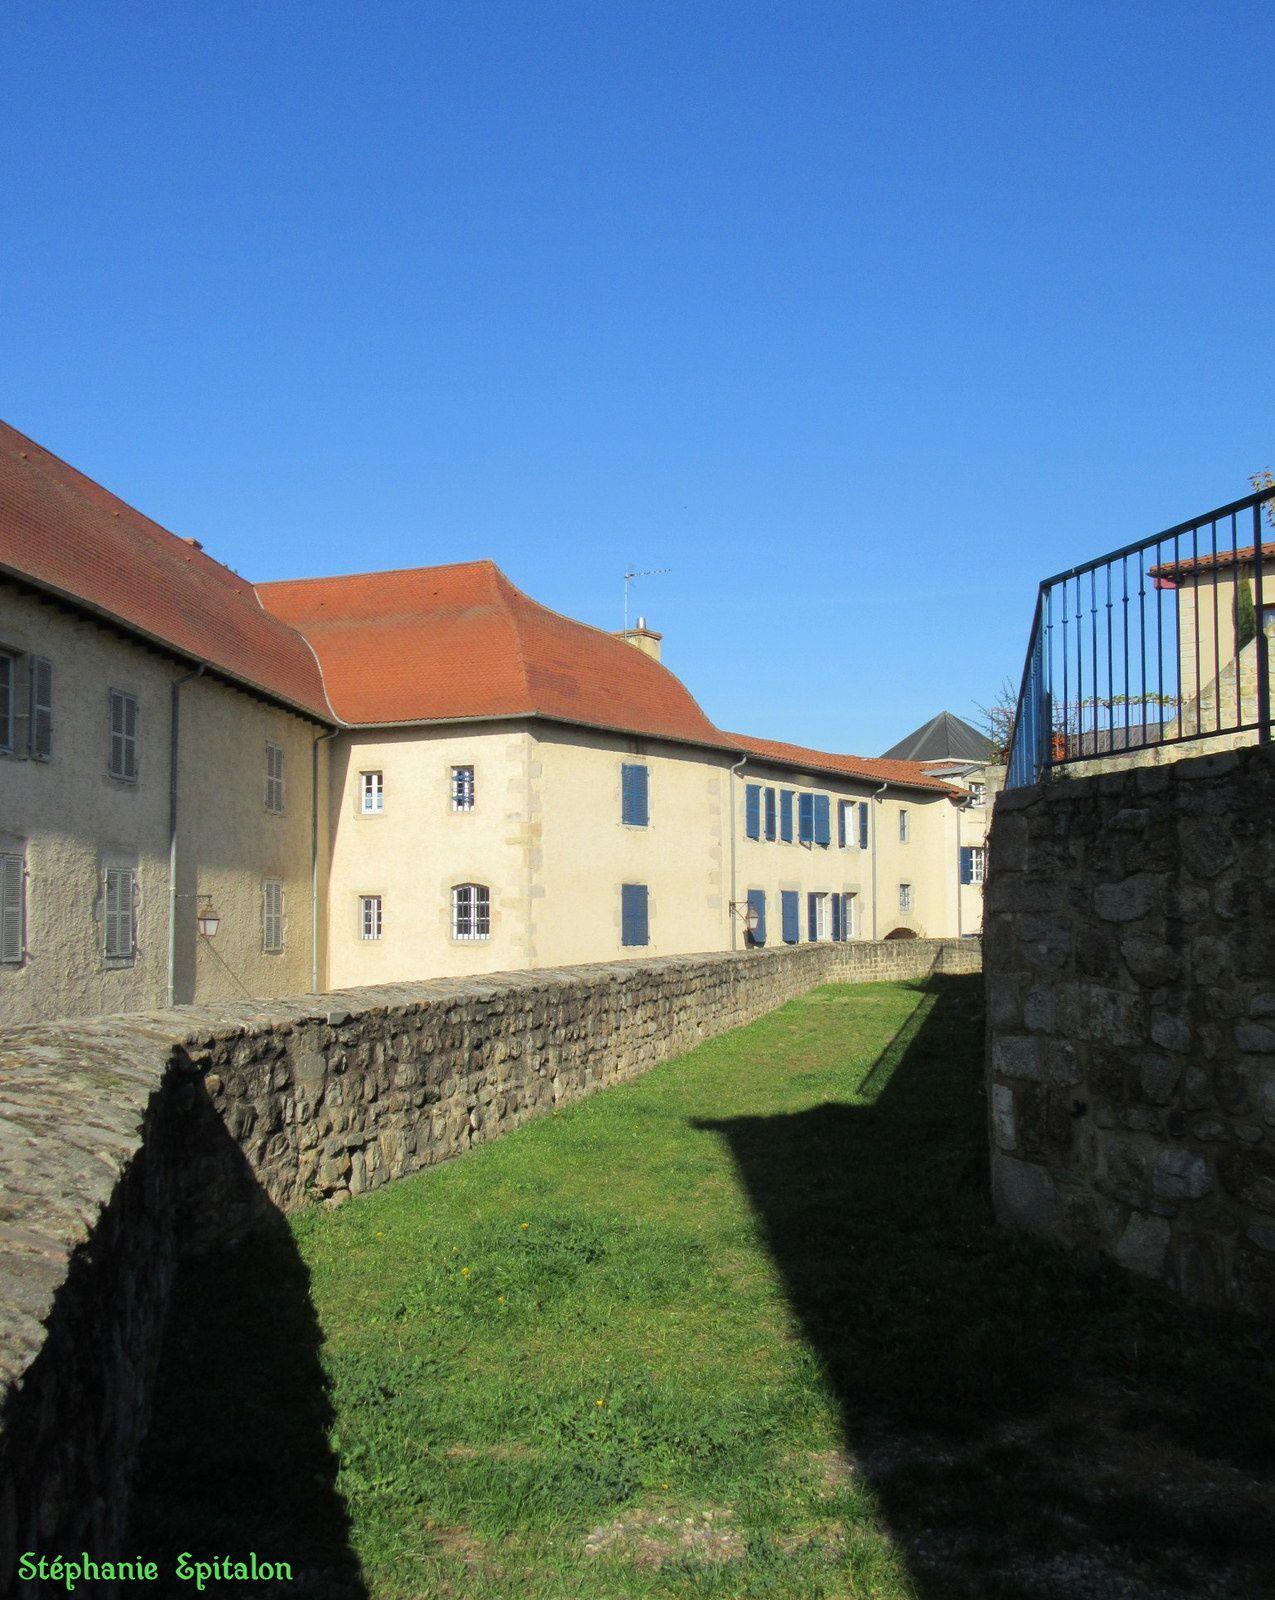 le couvent des Visitandines qui date de 1643  (actuel palais de justice) et plus loin dans la rue c'est l'ancienne prison devenu Centre Musical